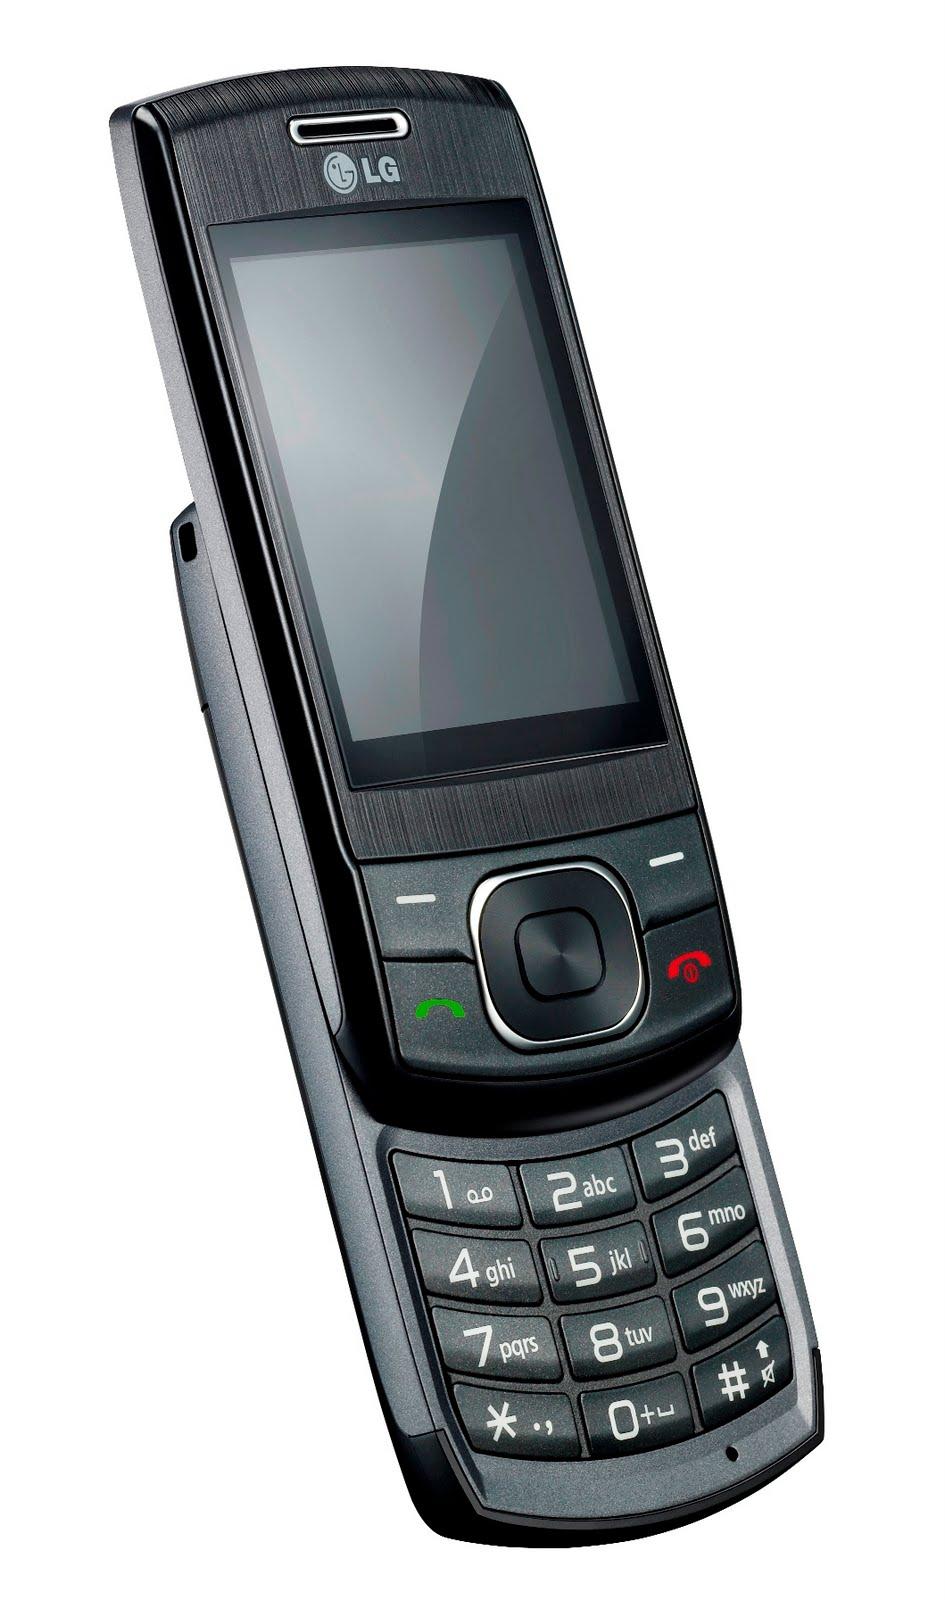 Телефон поиск модель 24 фотография